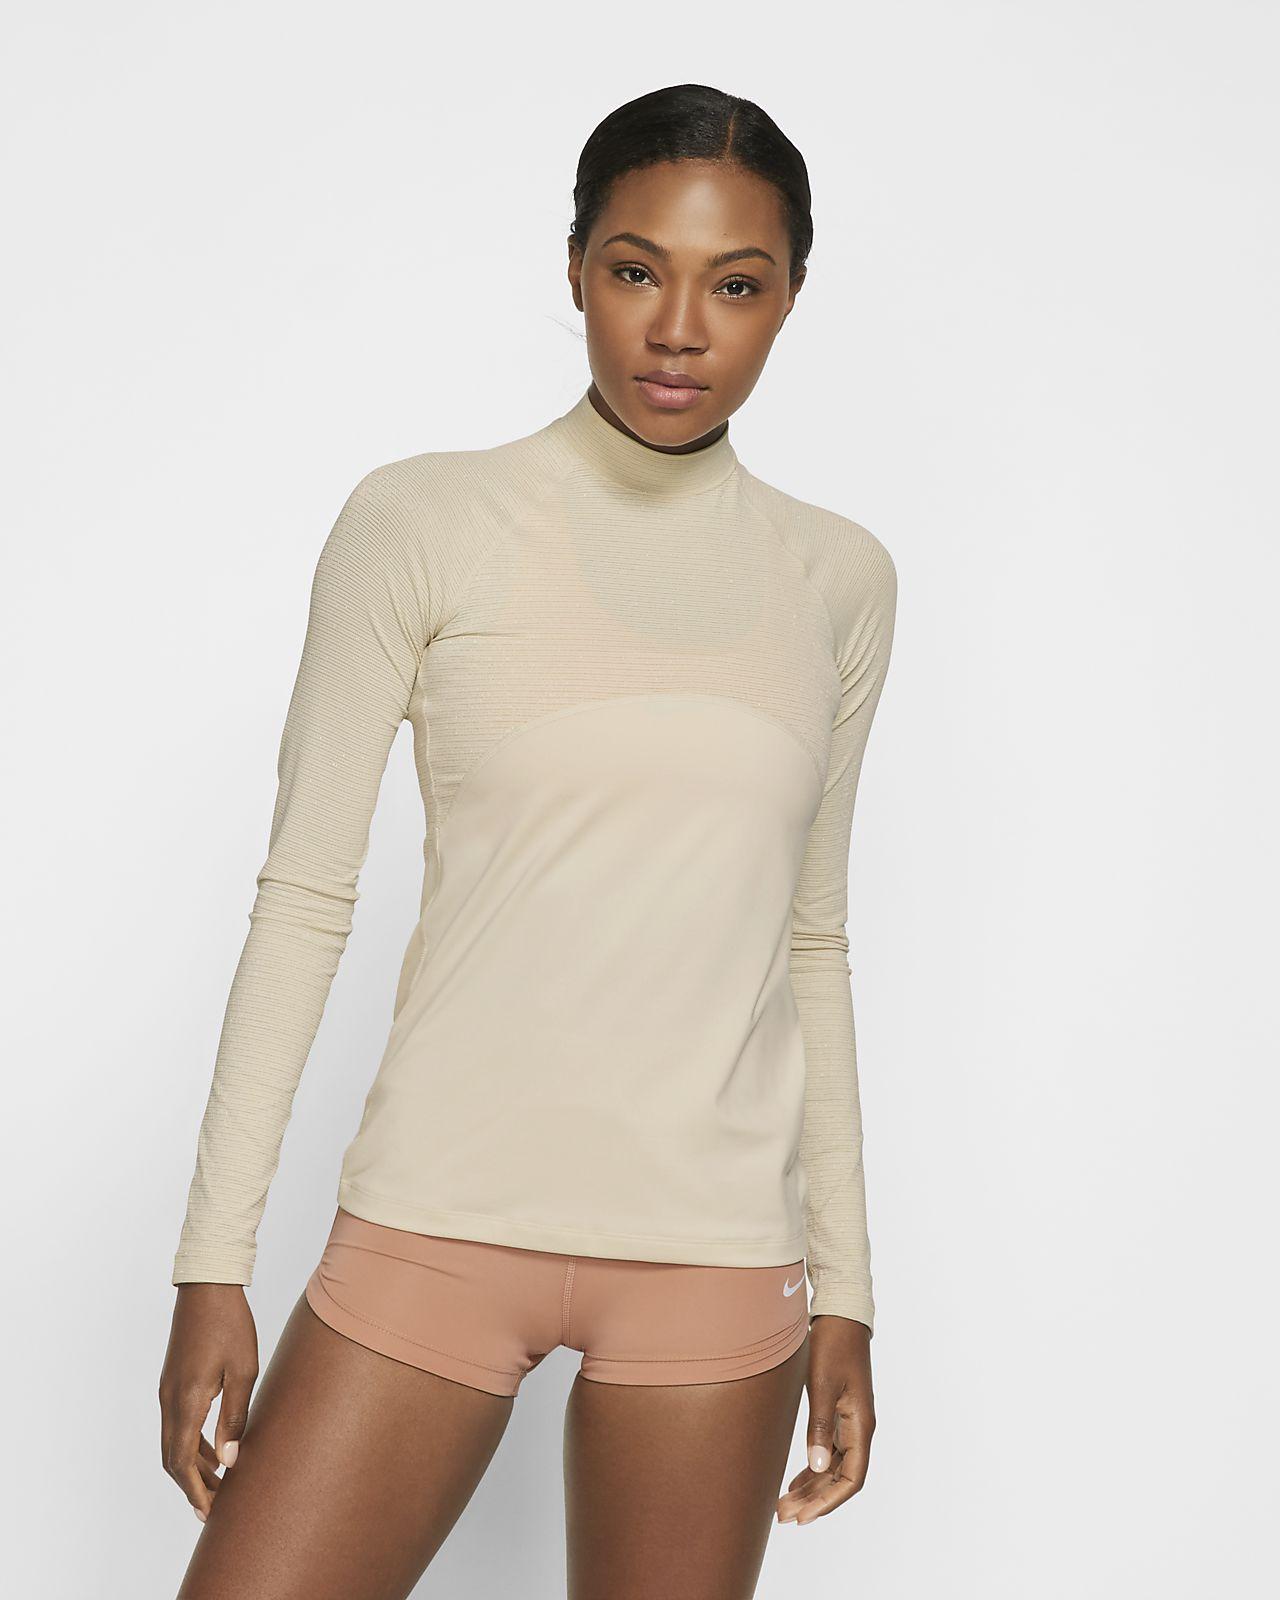 8679f1da Nike Pro Warm Women's Sparkle Long-Sleeve Top. Nike.com AU